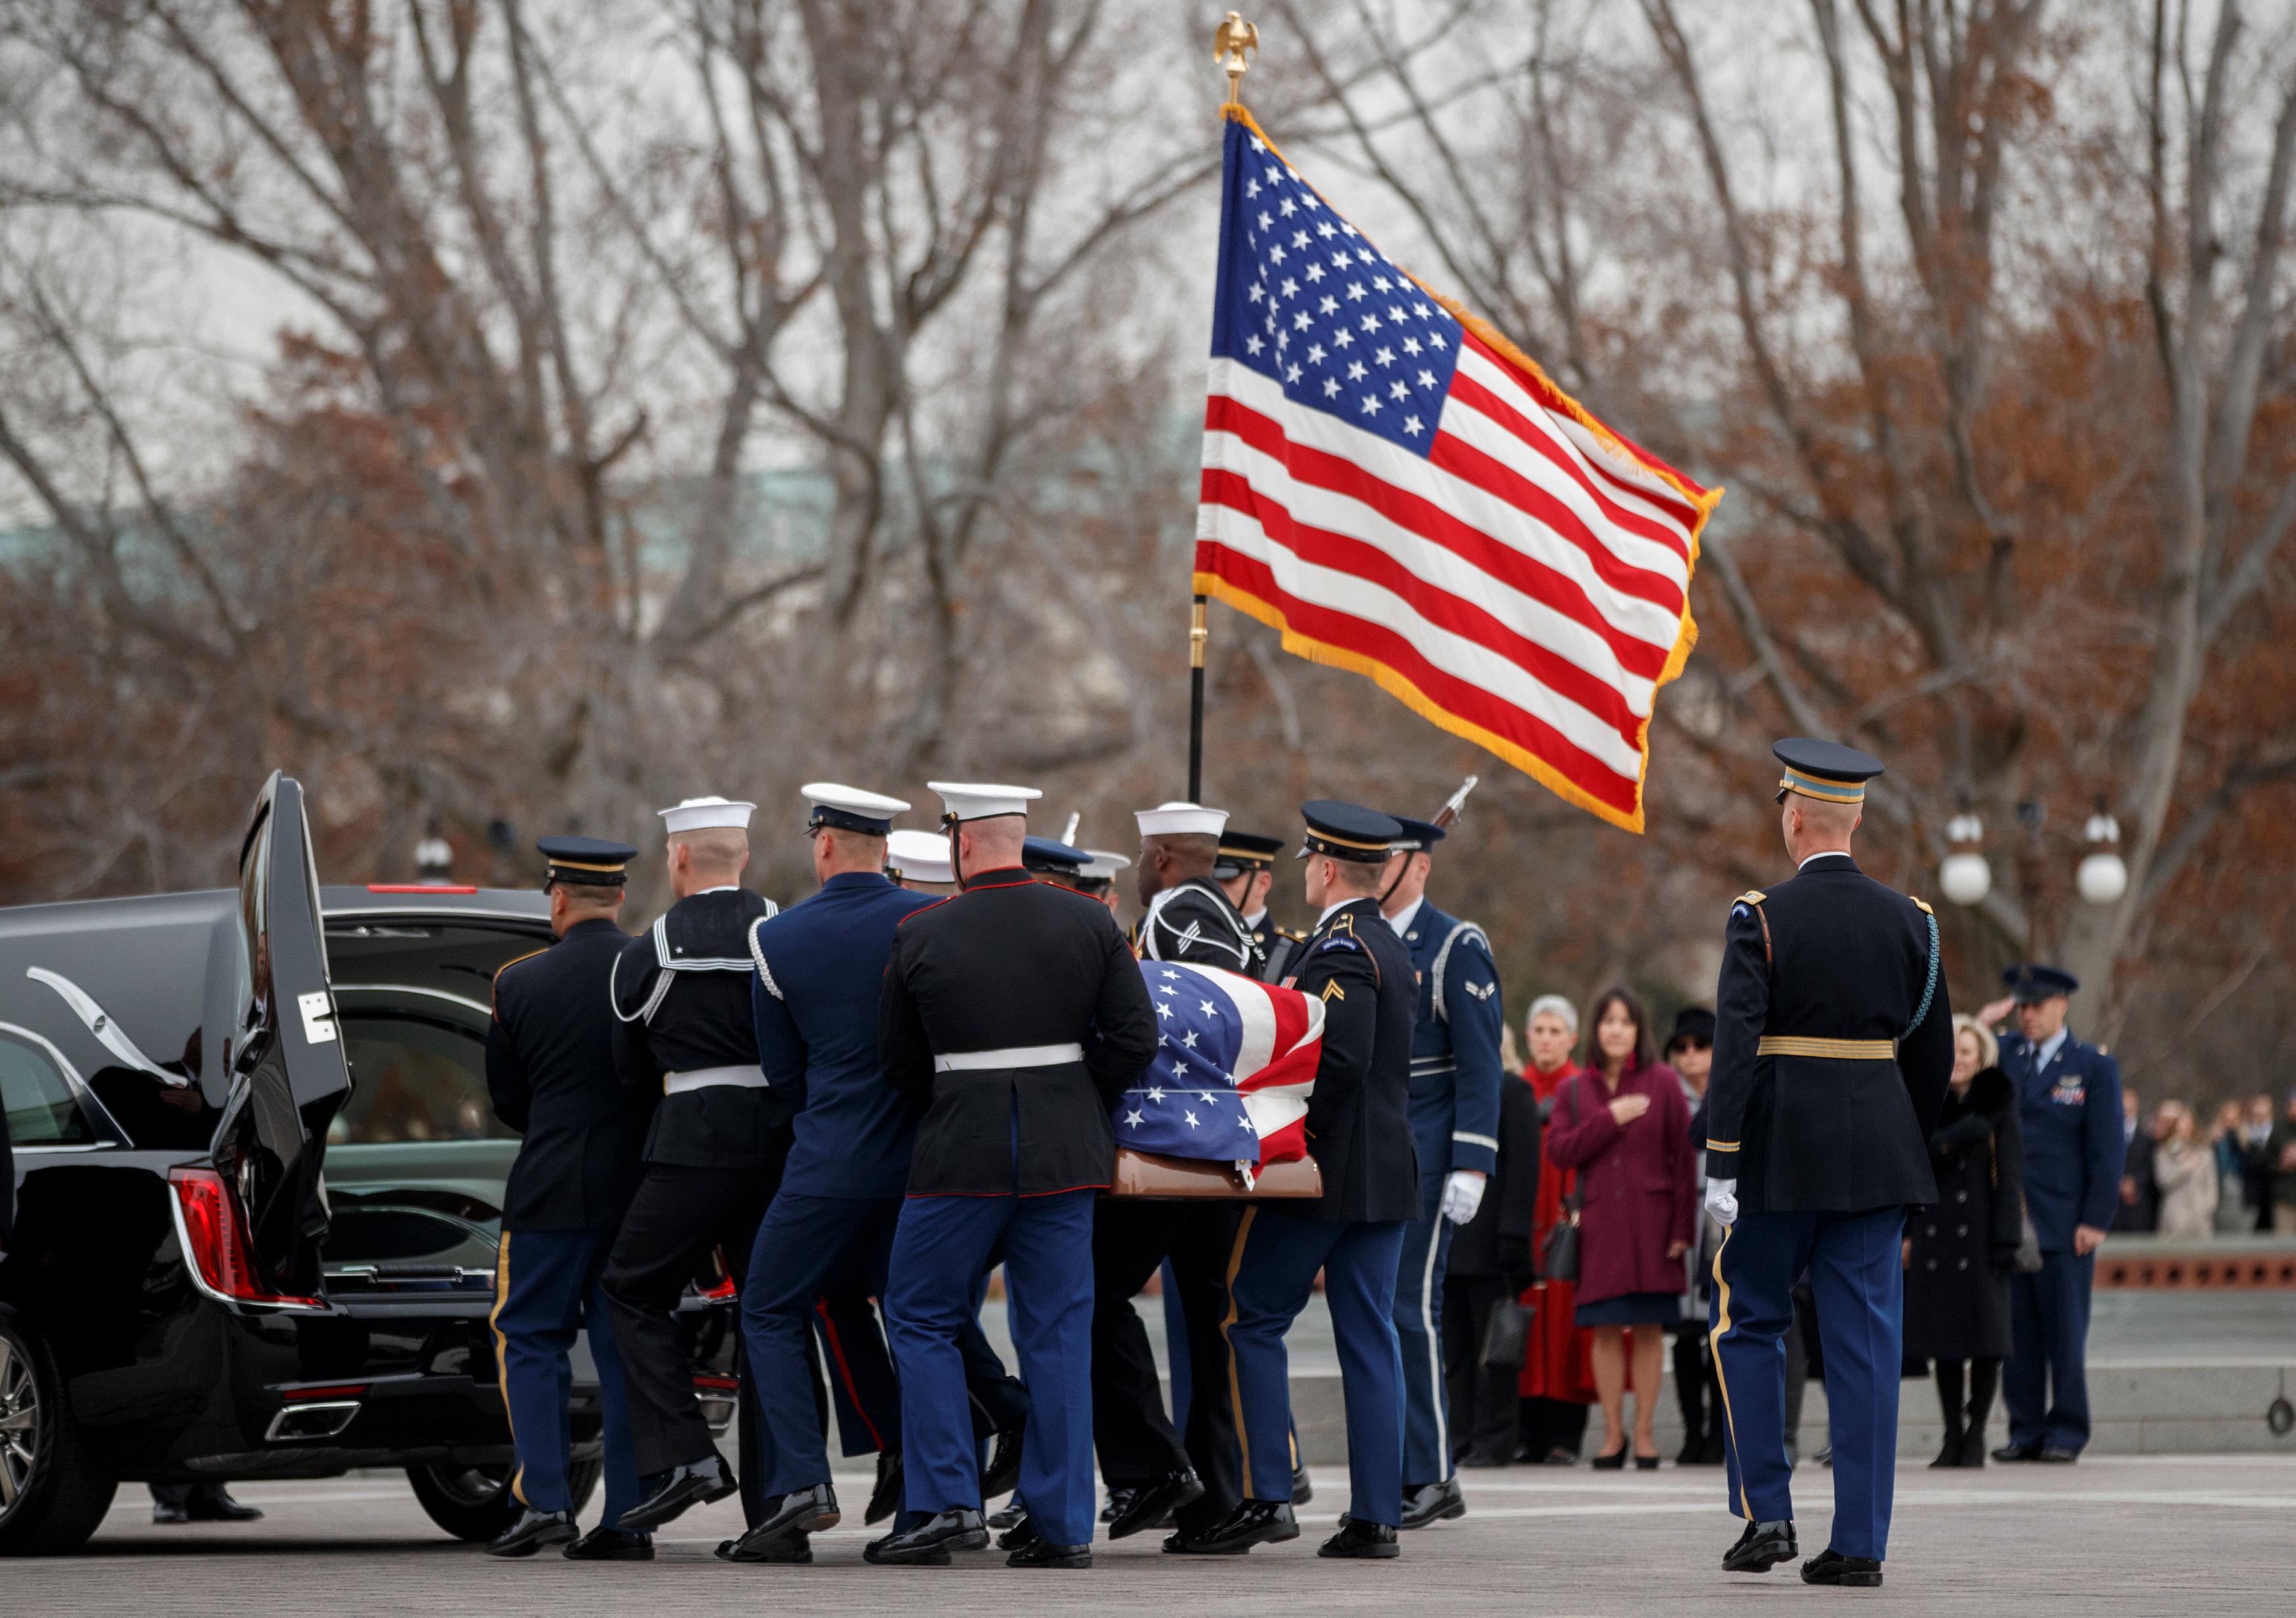 انطلاق مراسم جنازة الرئيس الأمريكى جورج بوش الأب (12)